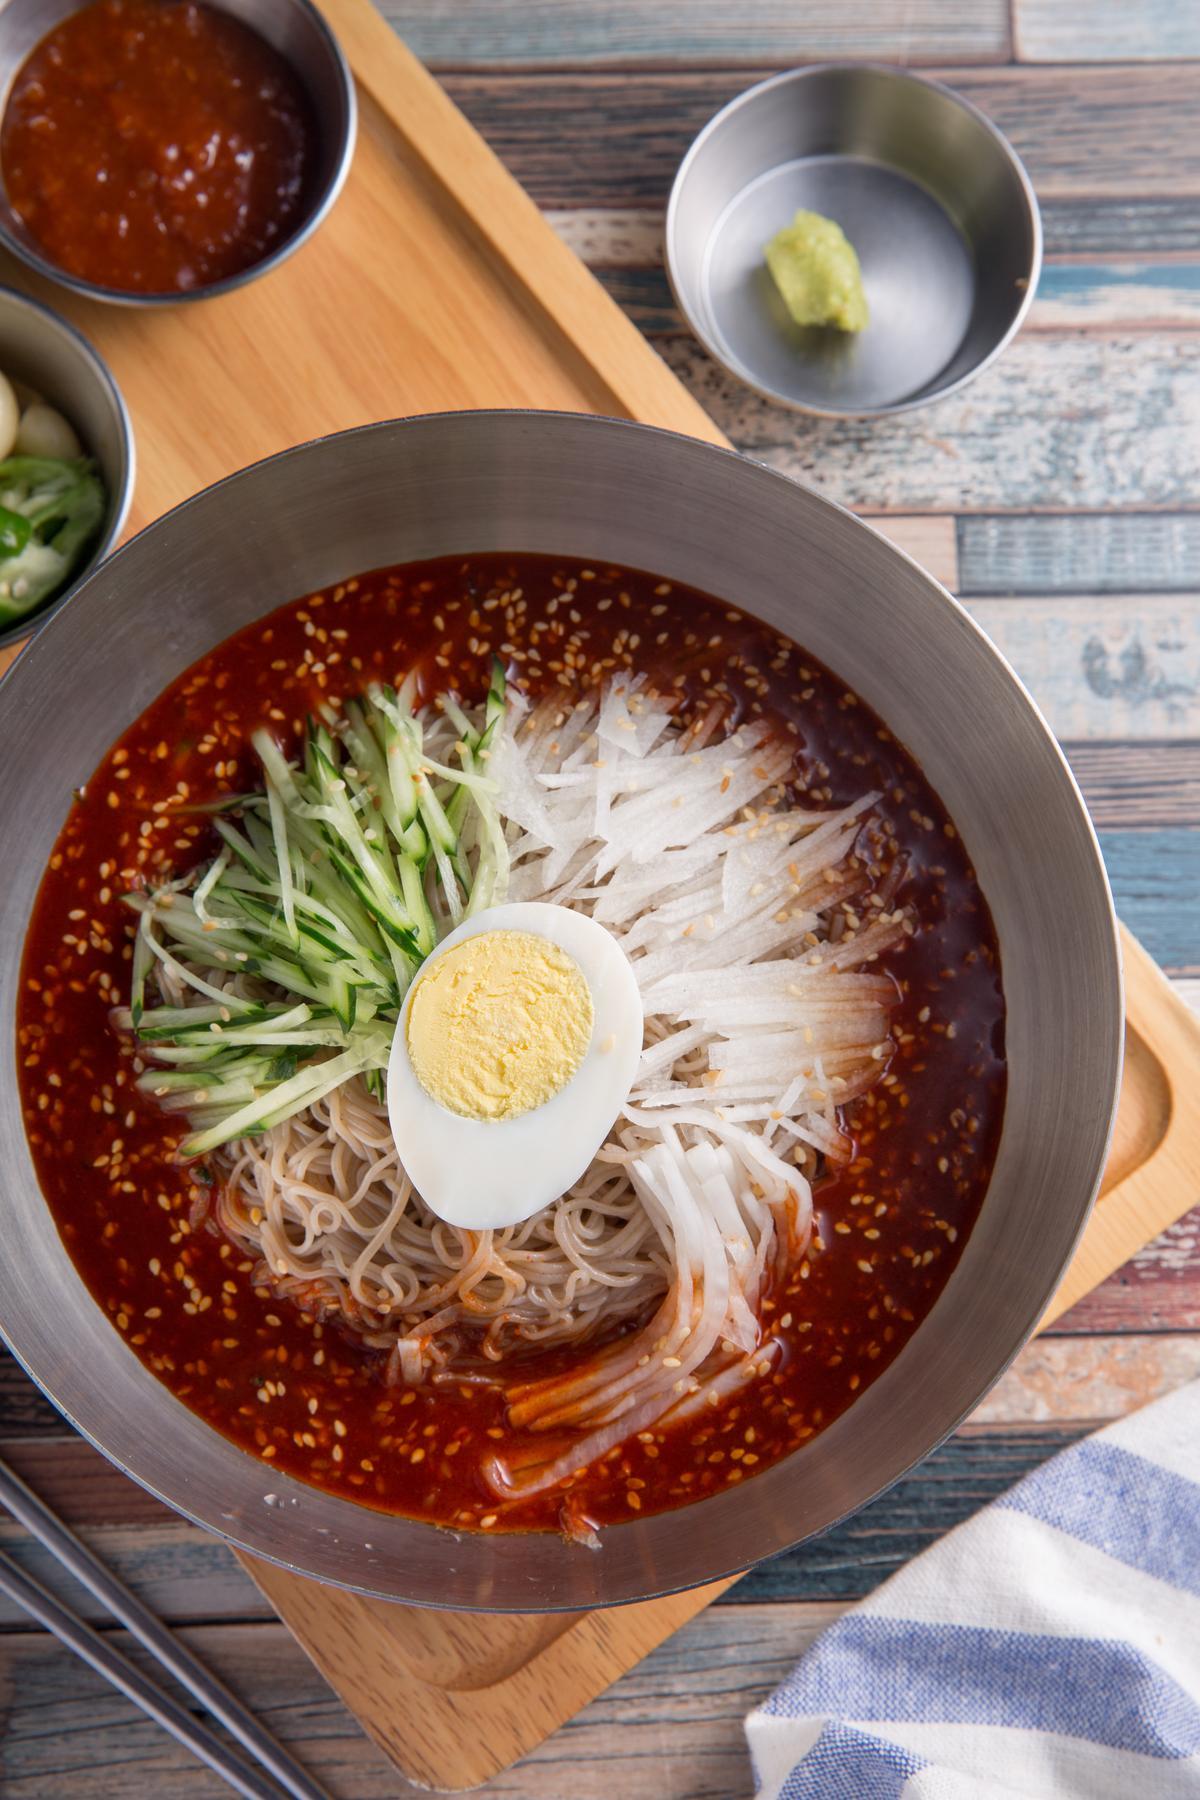 「涼拌冷麵」的醬汁辣香帶勁,水梨絲和水煮蛋有解辣效果。